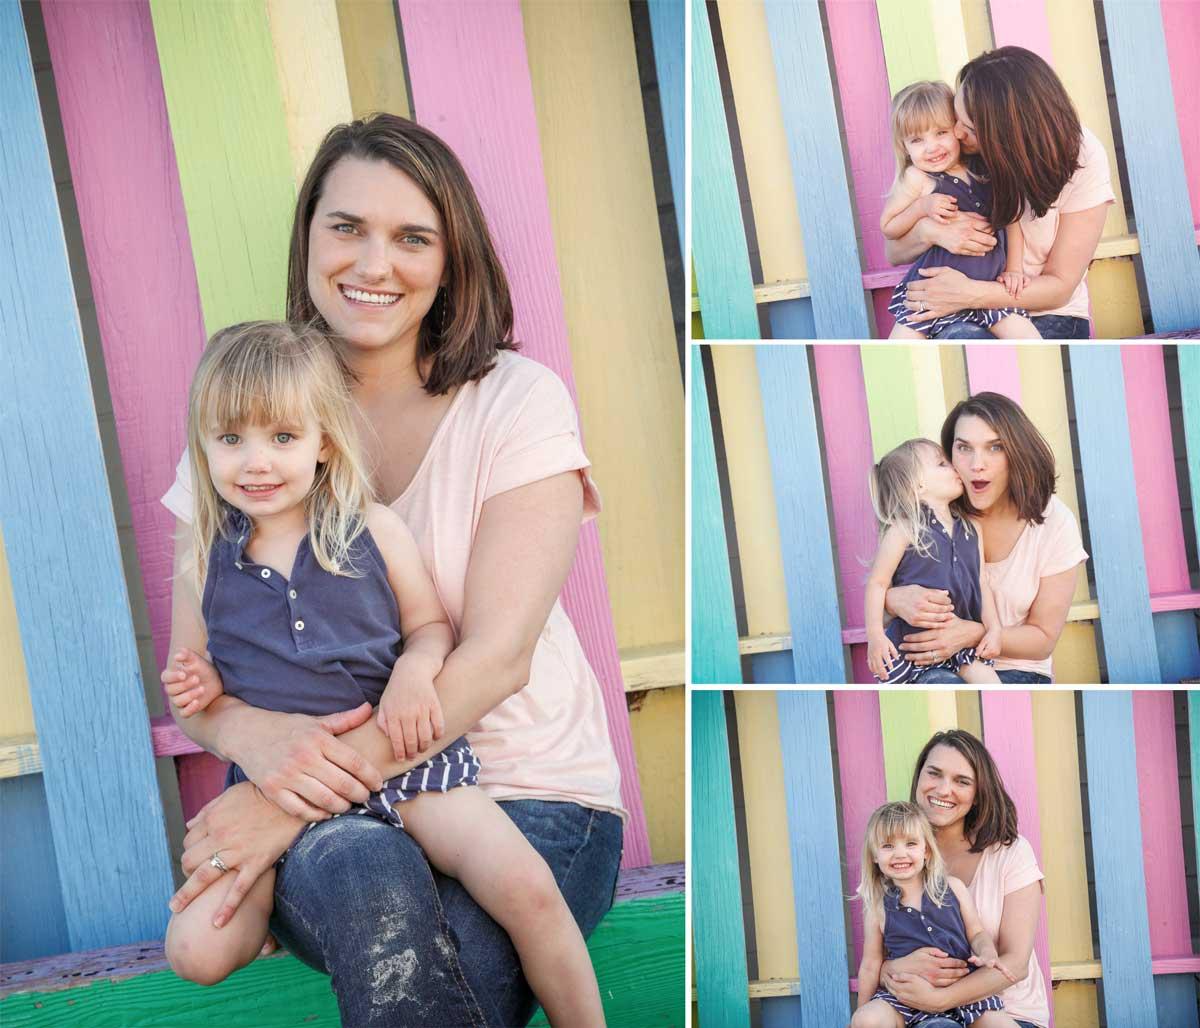 4motherdaughterportraits.jpg